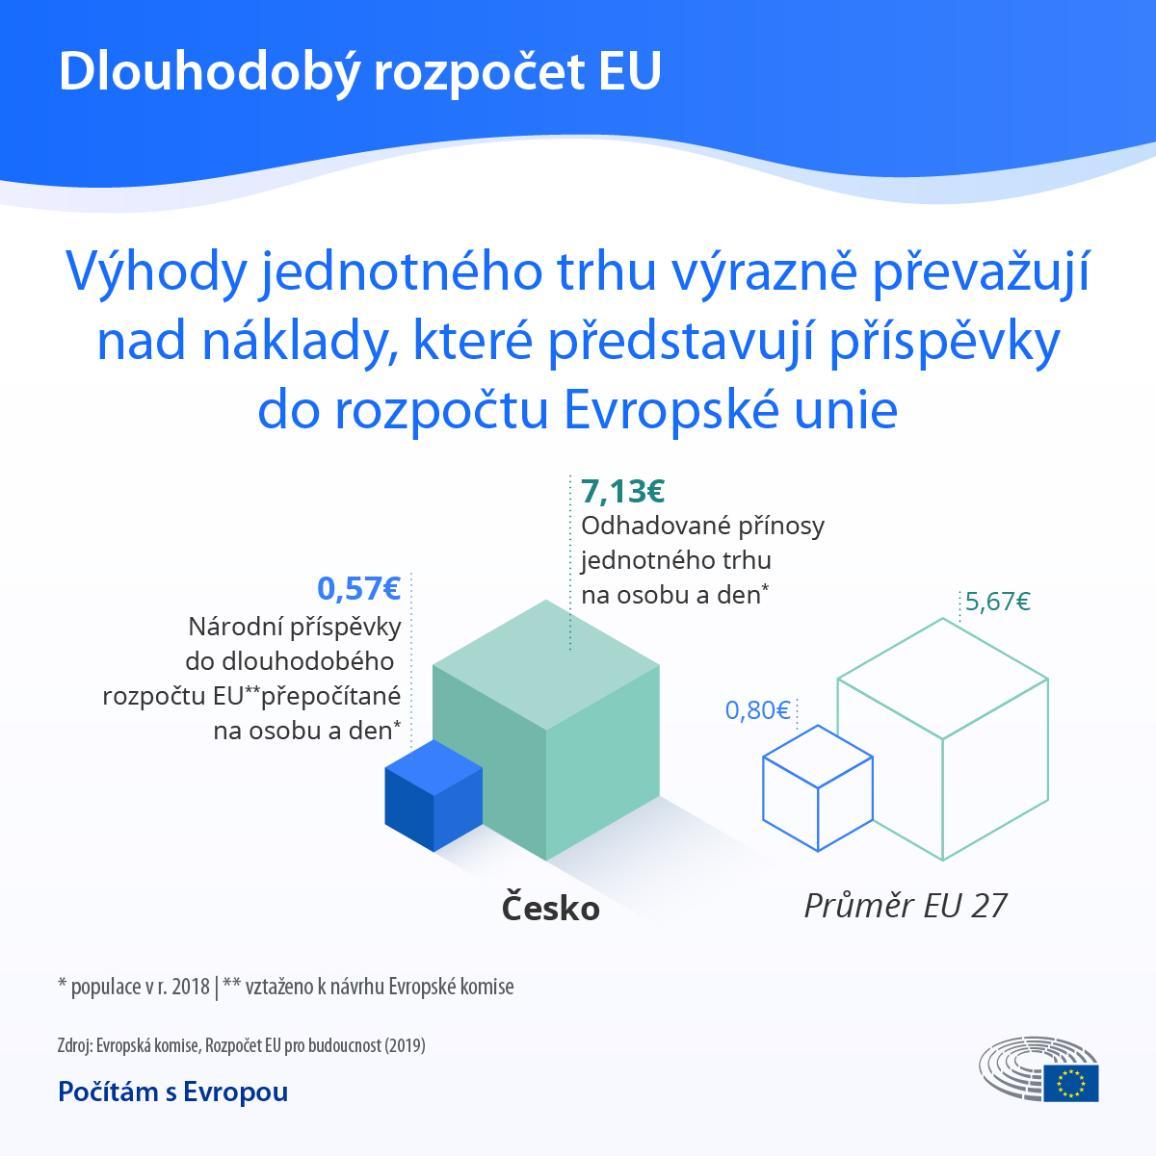 Výhody jednotného trhu převažují nad náklady v podobě příspěvků do unijního rozpočtu - infografika